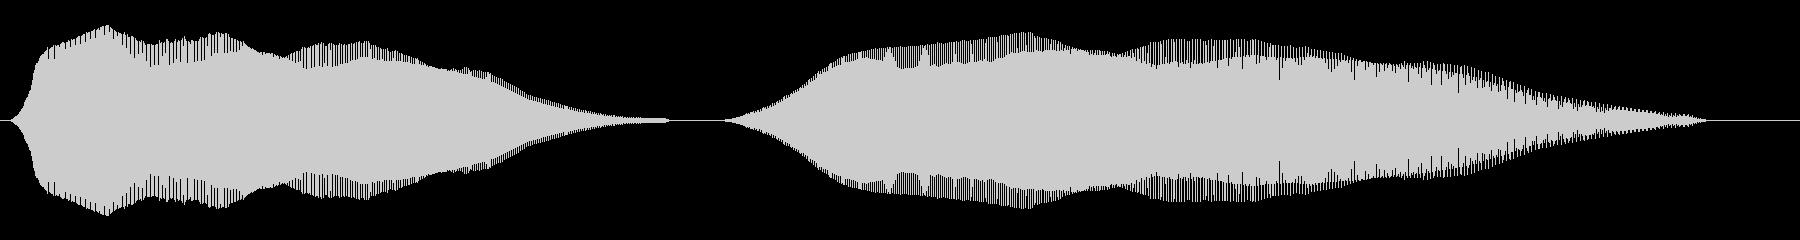 ふわふわ(2段階・ダウンで終わる効果音)の未再生の波形